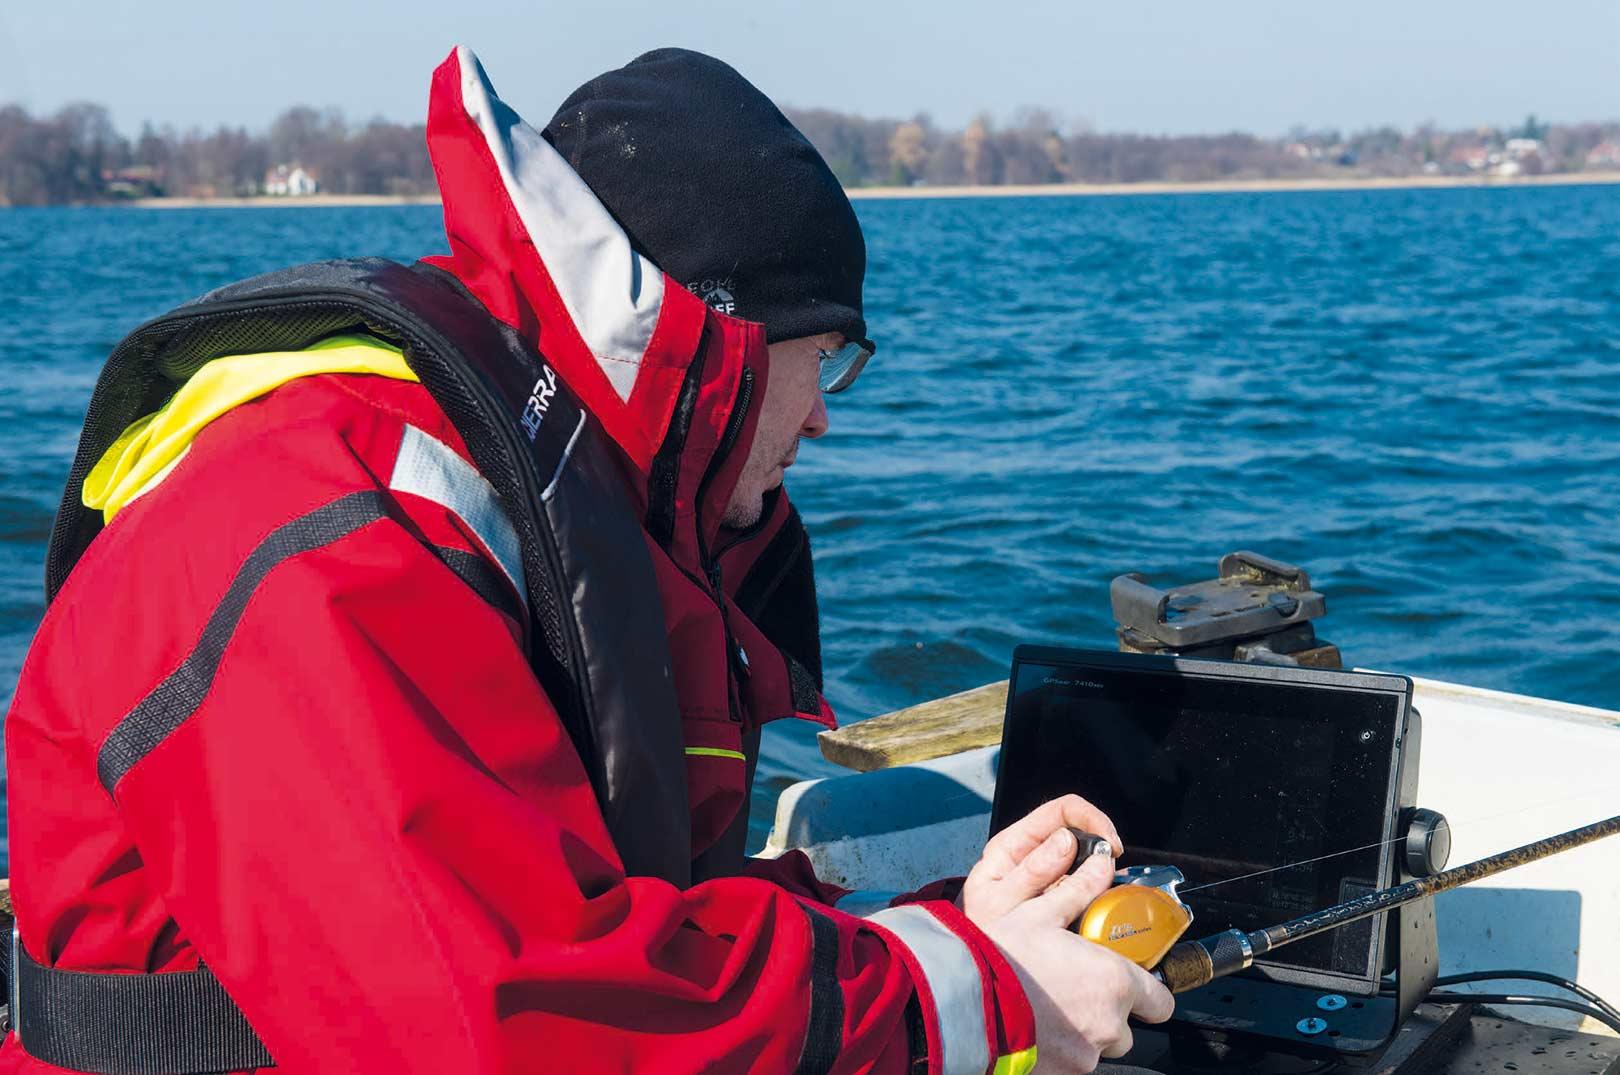 Underholdningsværdien under vertikalfiskeri er i top på Live- Scopet - her visualiseret på en Garmin GPSmap 7410 SXV.